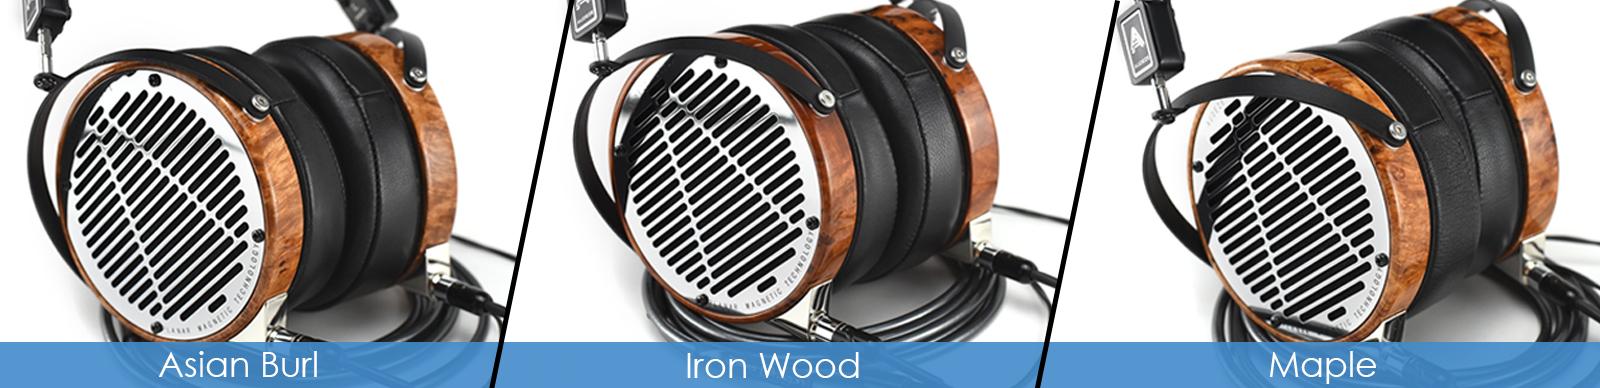 LCD-4_WoodCups.jpg